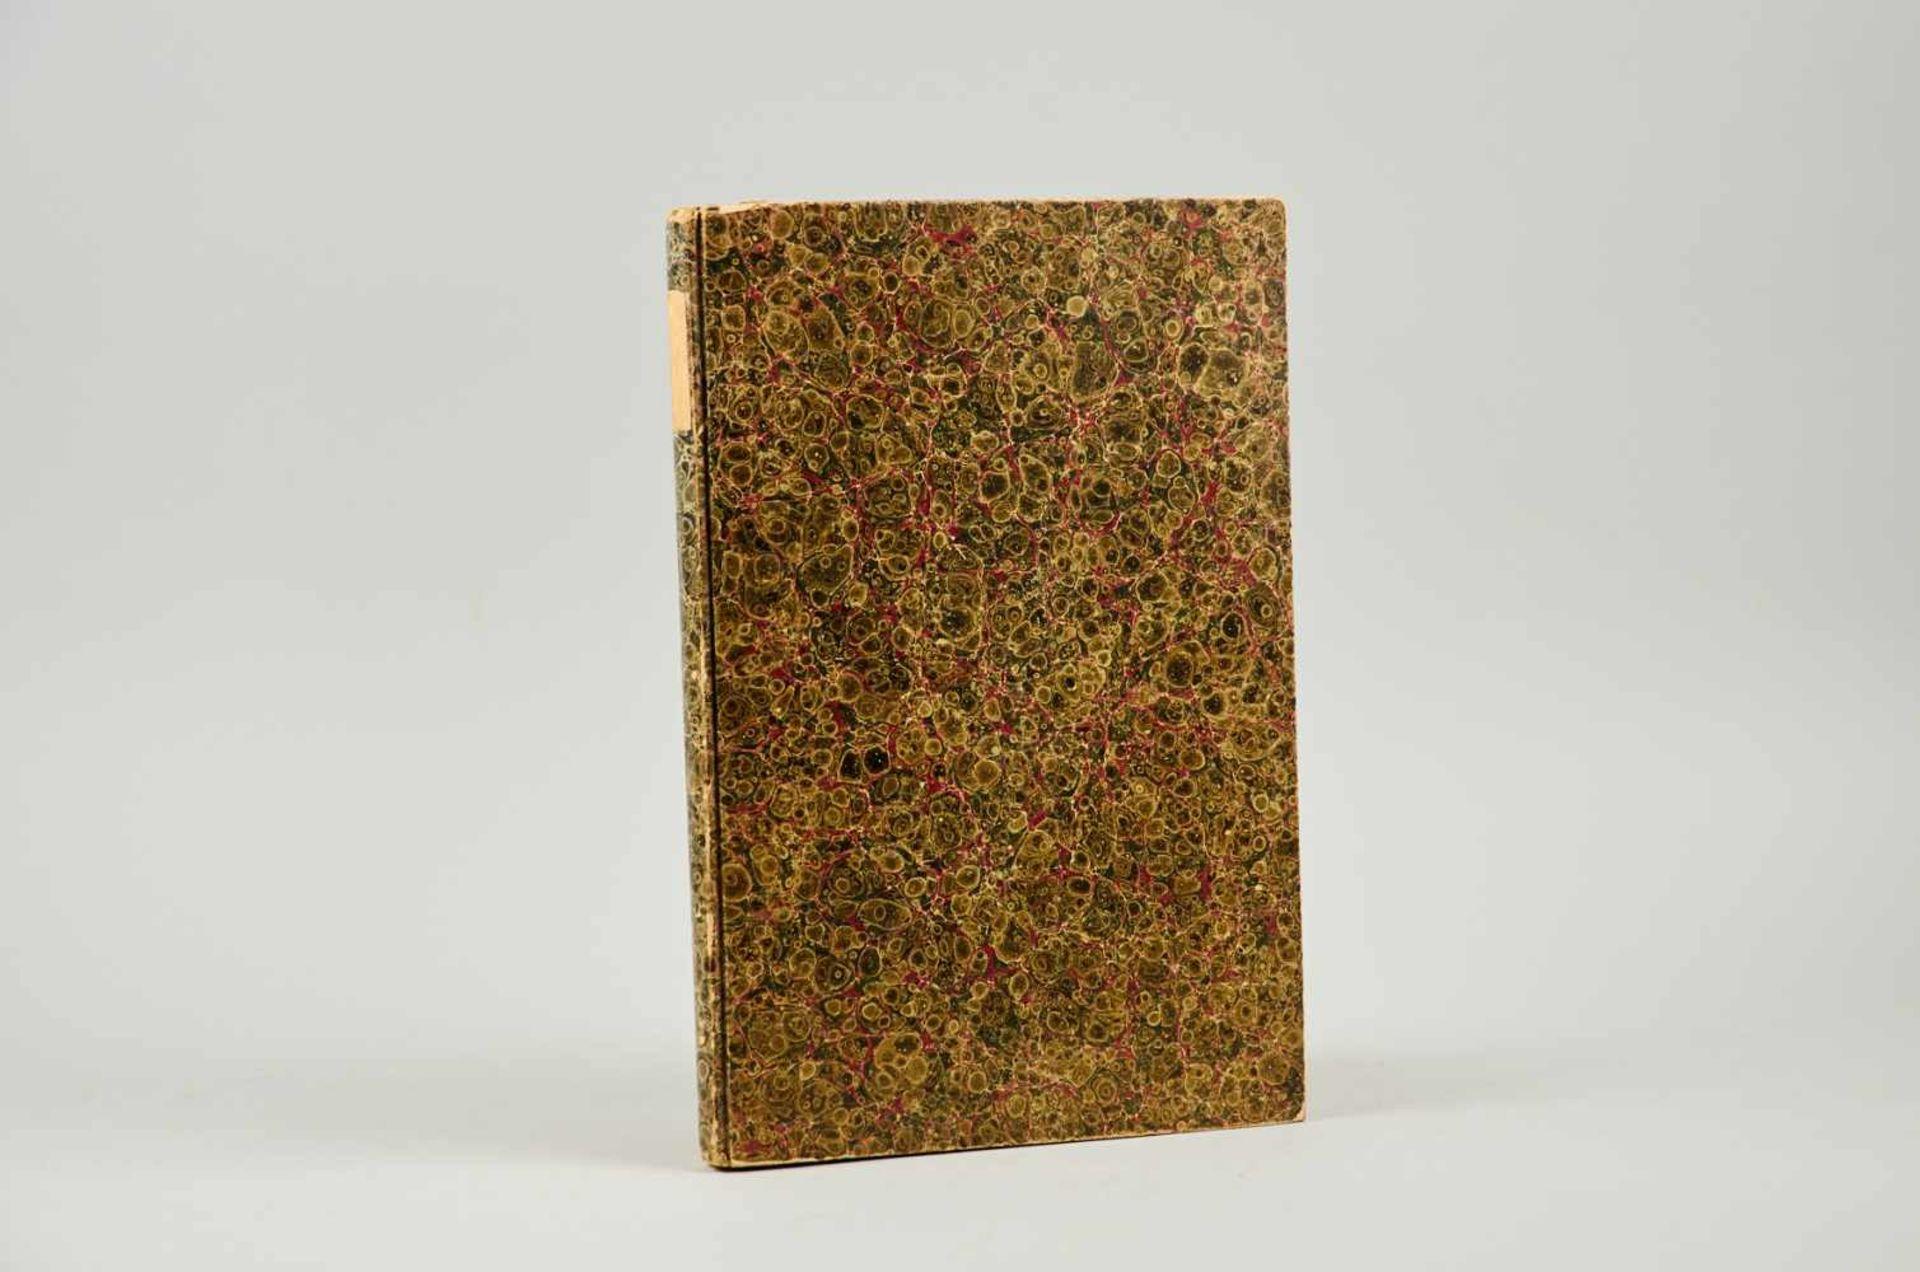 """Grasslfing- """"Hauß Rechnung"""". Deutsche Handschrift auf Papier.Dat. Graßlfing, 1. 5. 1640 - 30. 4."""